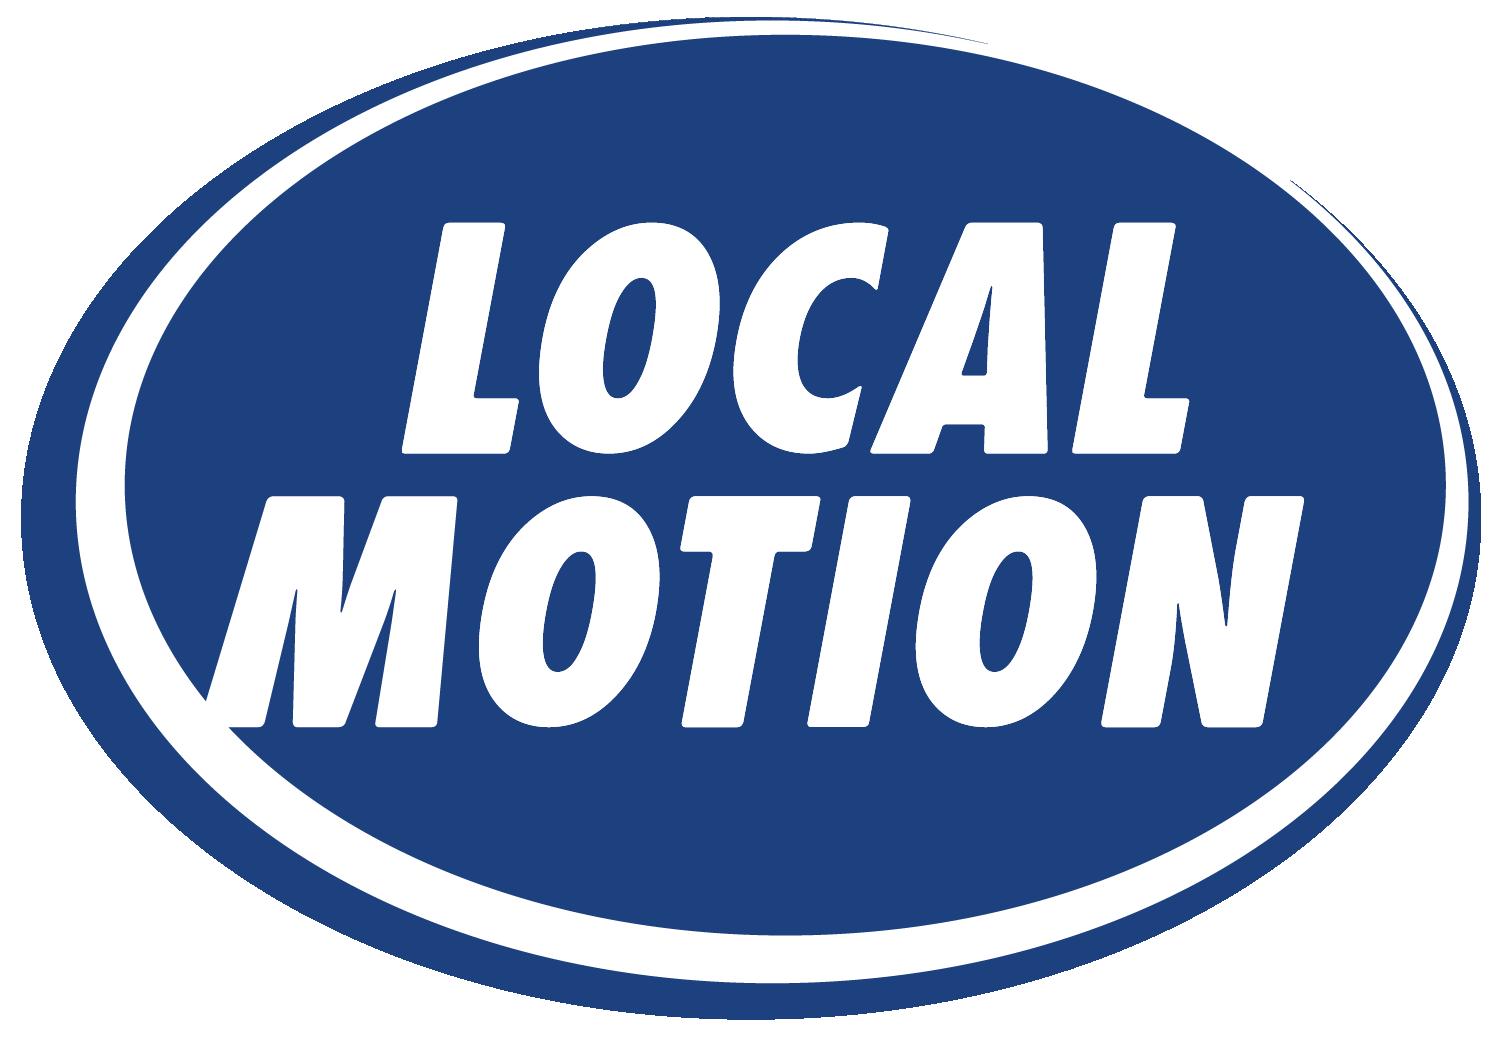 lm_logo_blue-white-letters-transparent